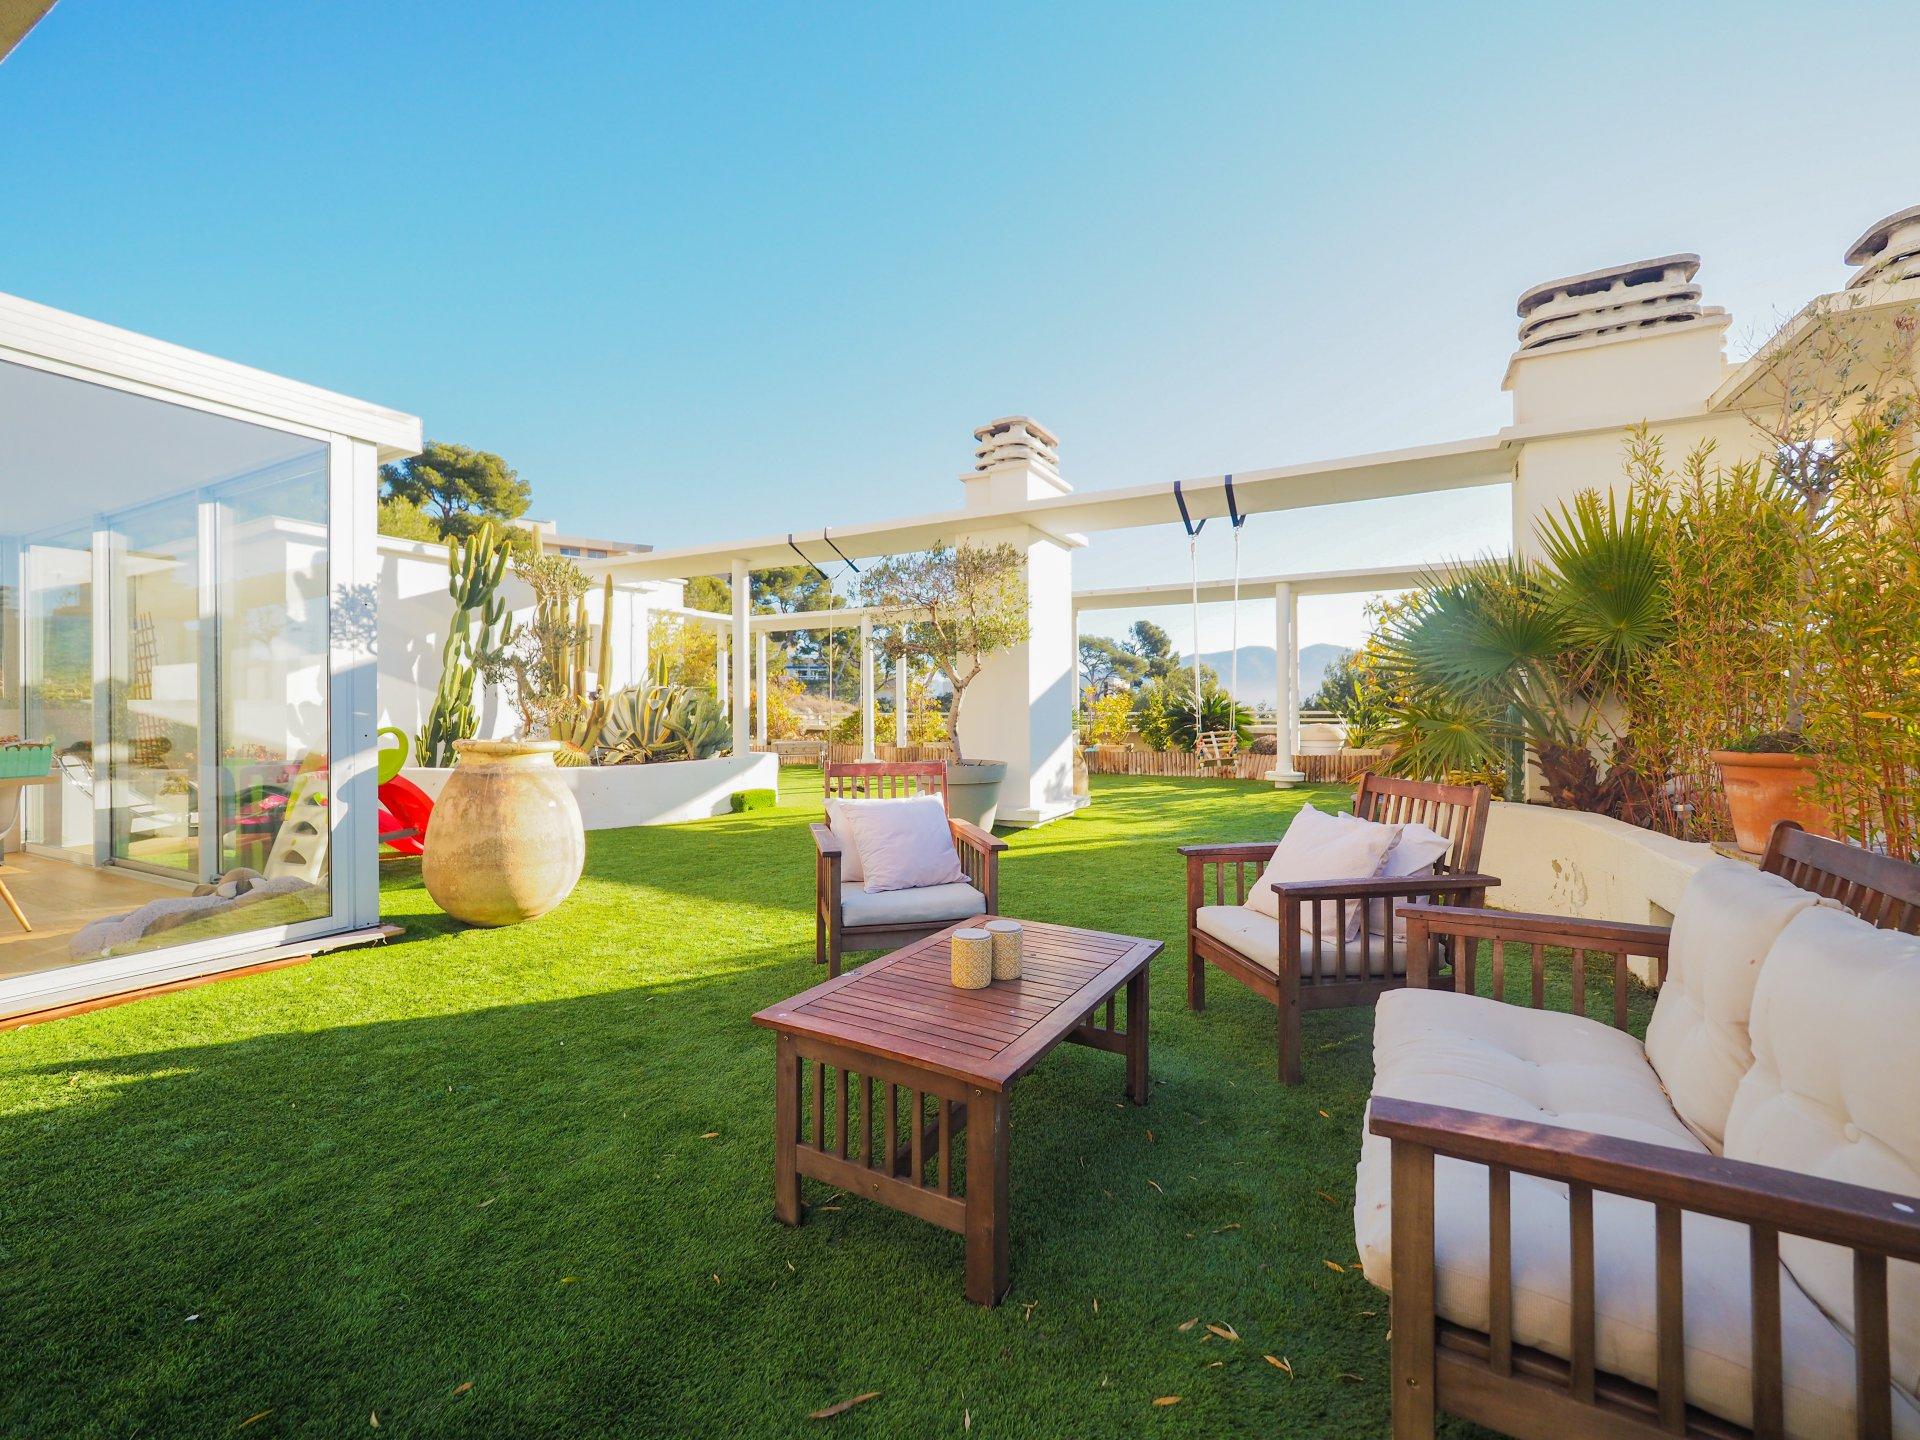 LE SPLENDIDE - T4 de 132 m2 et 320 m2 de terrasse vue mer